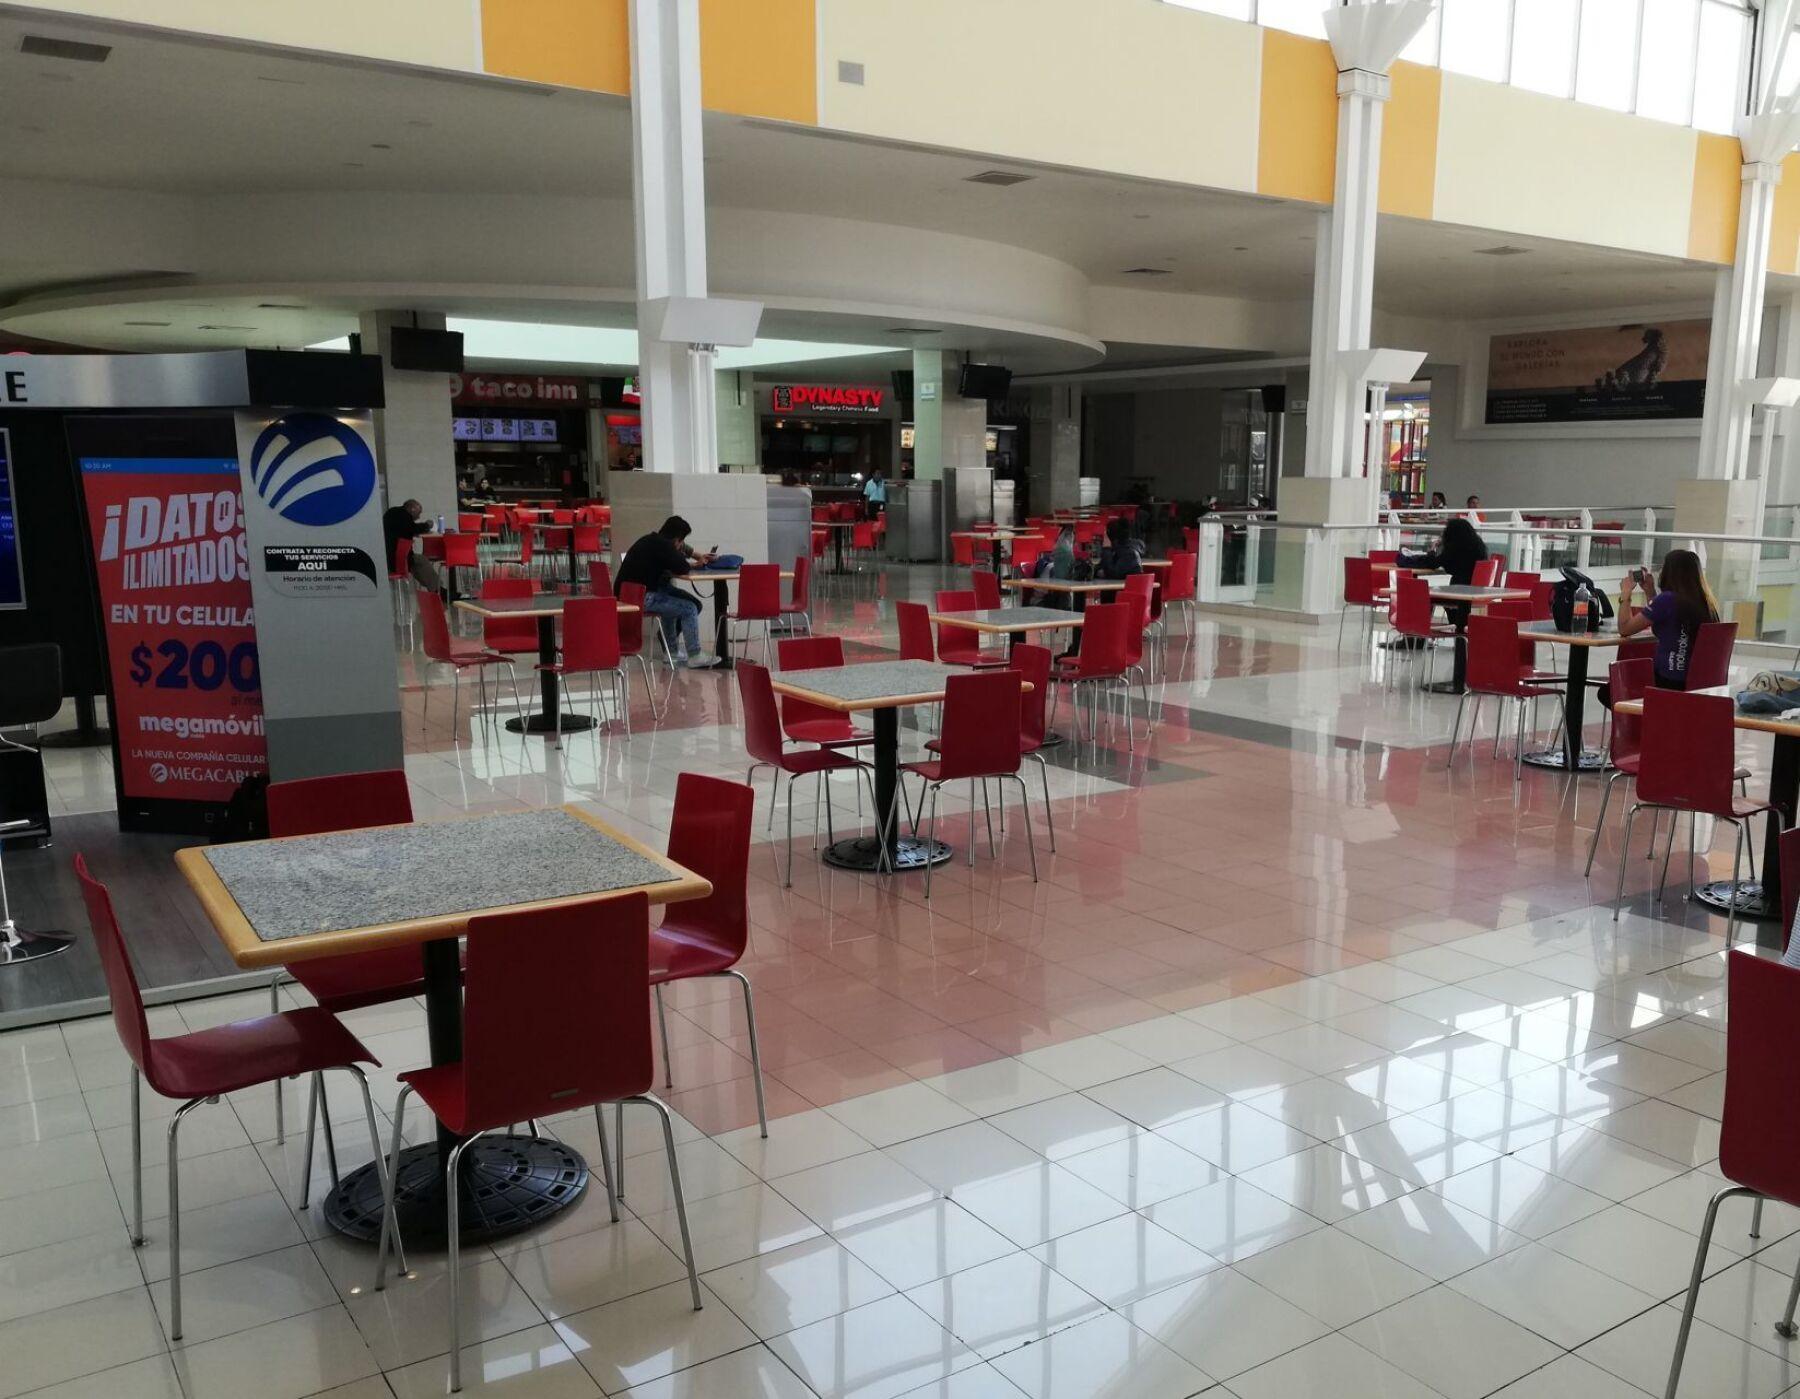 Centro comercial en Metepec